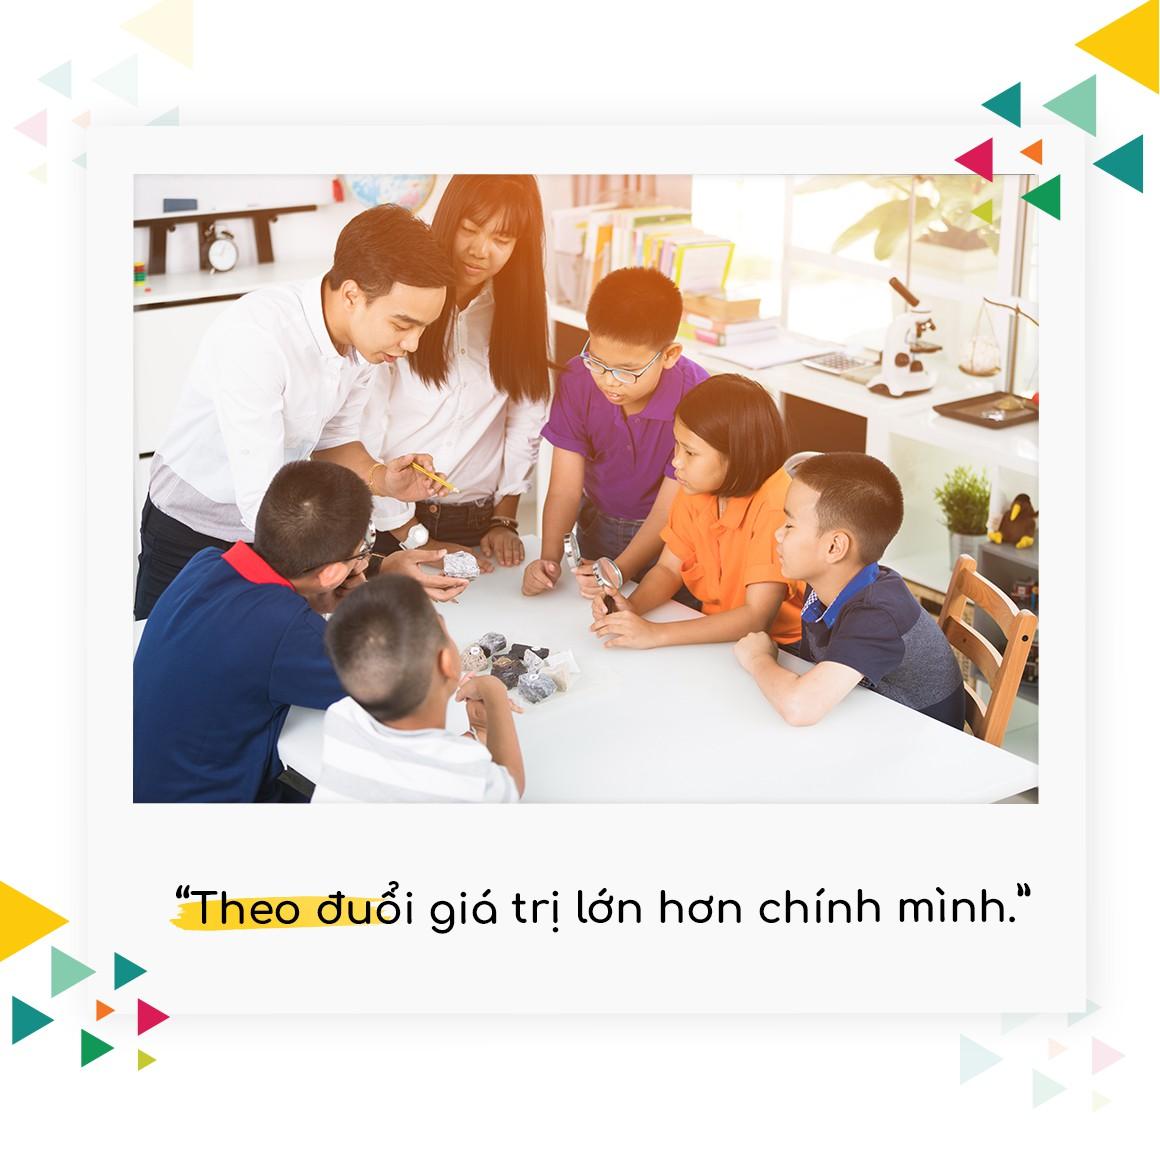 GenZ Việt đang tự đổi mới mình như thế nào? - Ảnh 2.